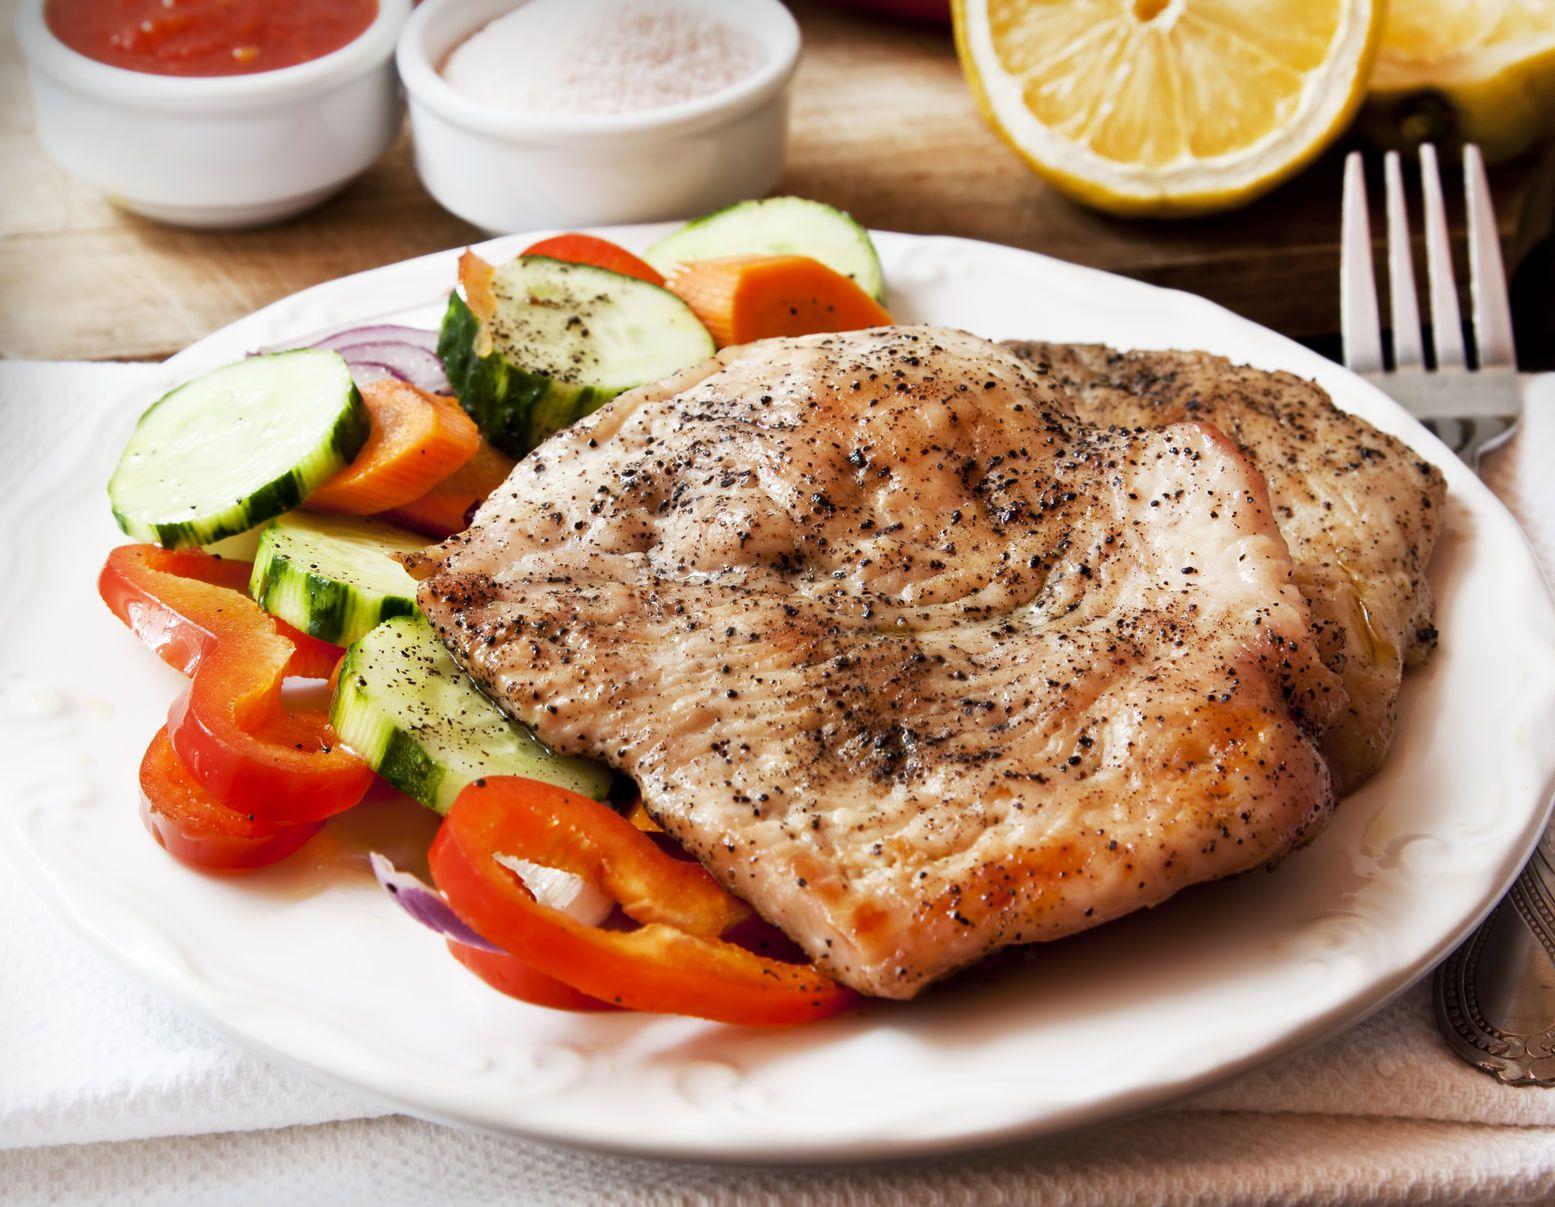 Как приготовить индейку мягкой и сочной Рецепты с индейкой 19